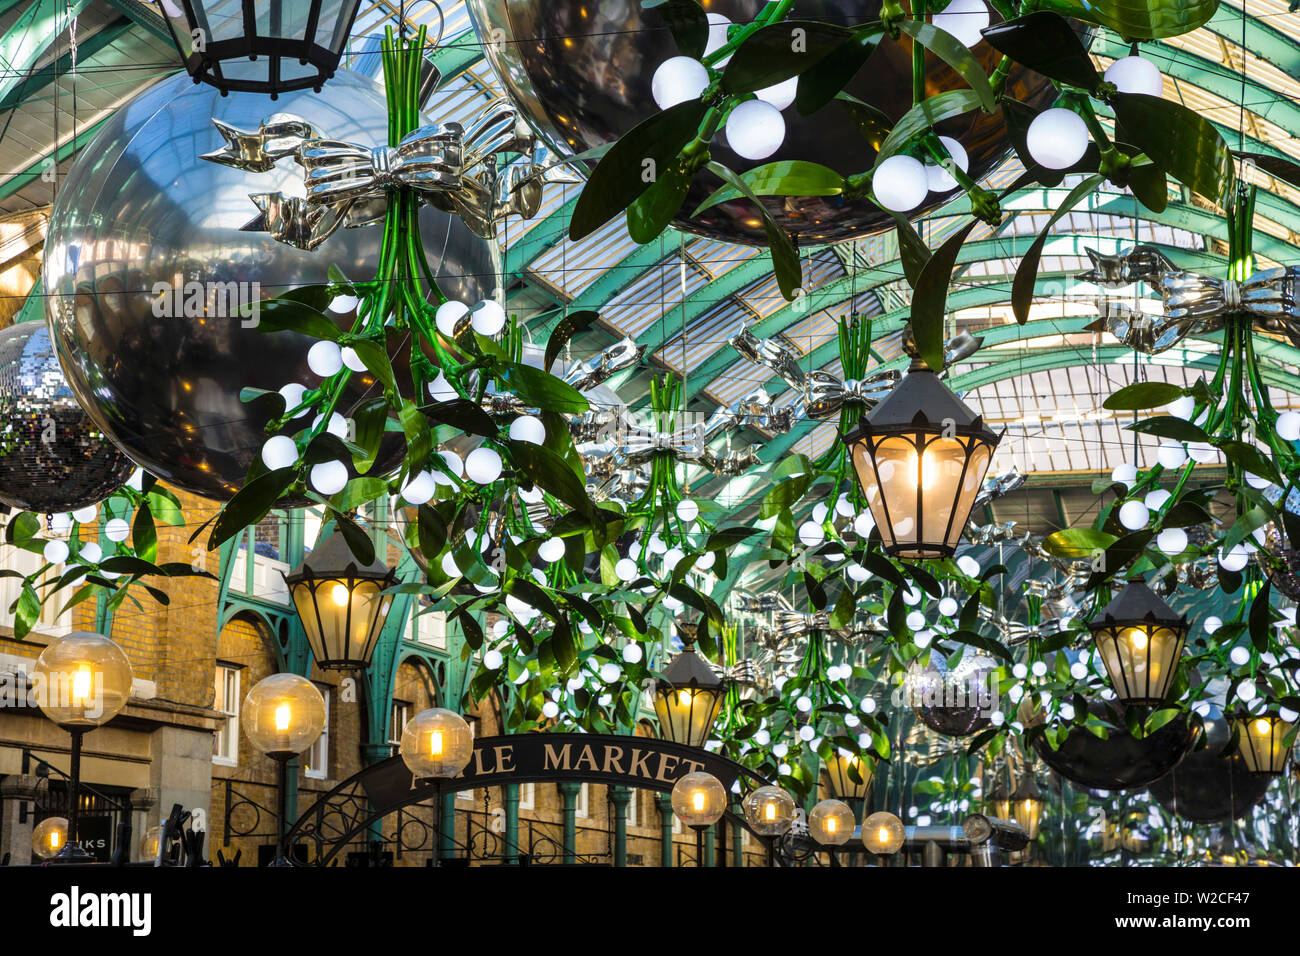 Mercato di Covent Garden a natale a Londra, Inghilterra Foto Stock